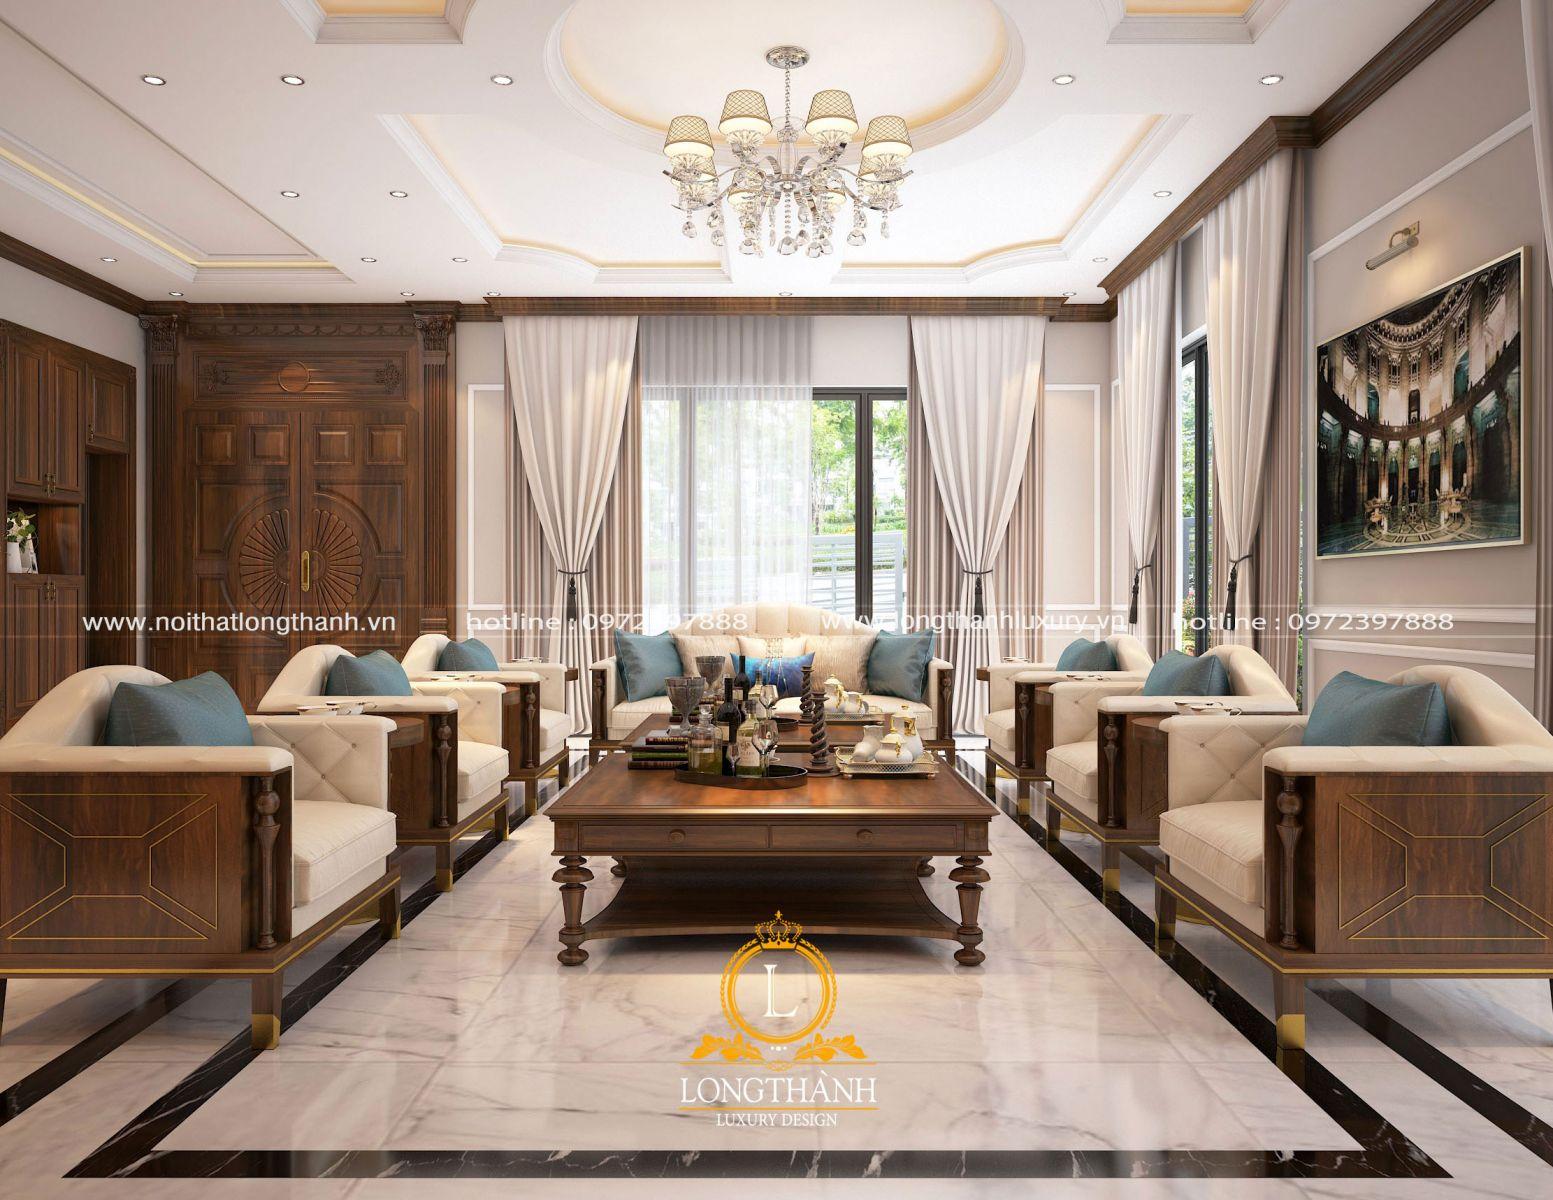 Mẫu sofa với thiết kế hiện đại trẻ trung cho không gian phòng khách đẹp